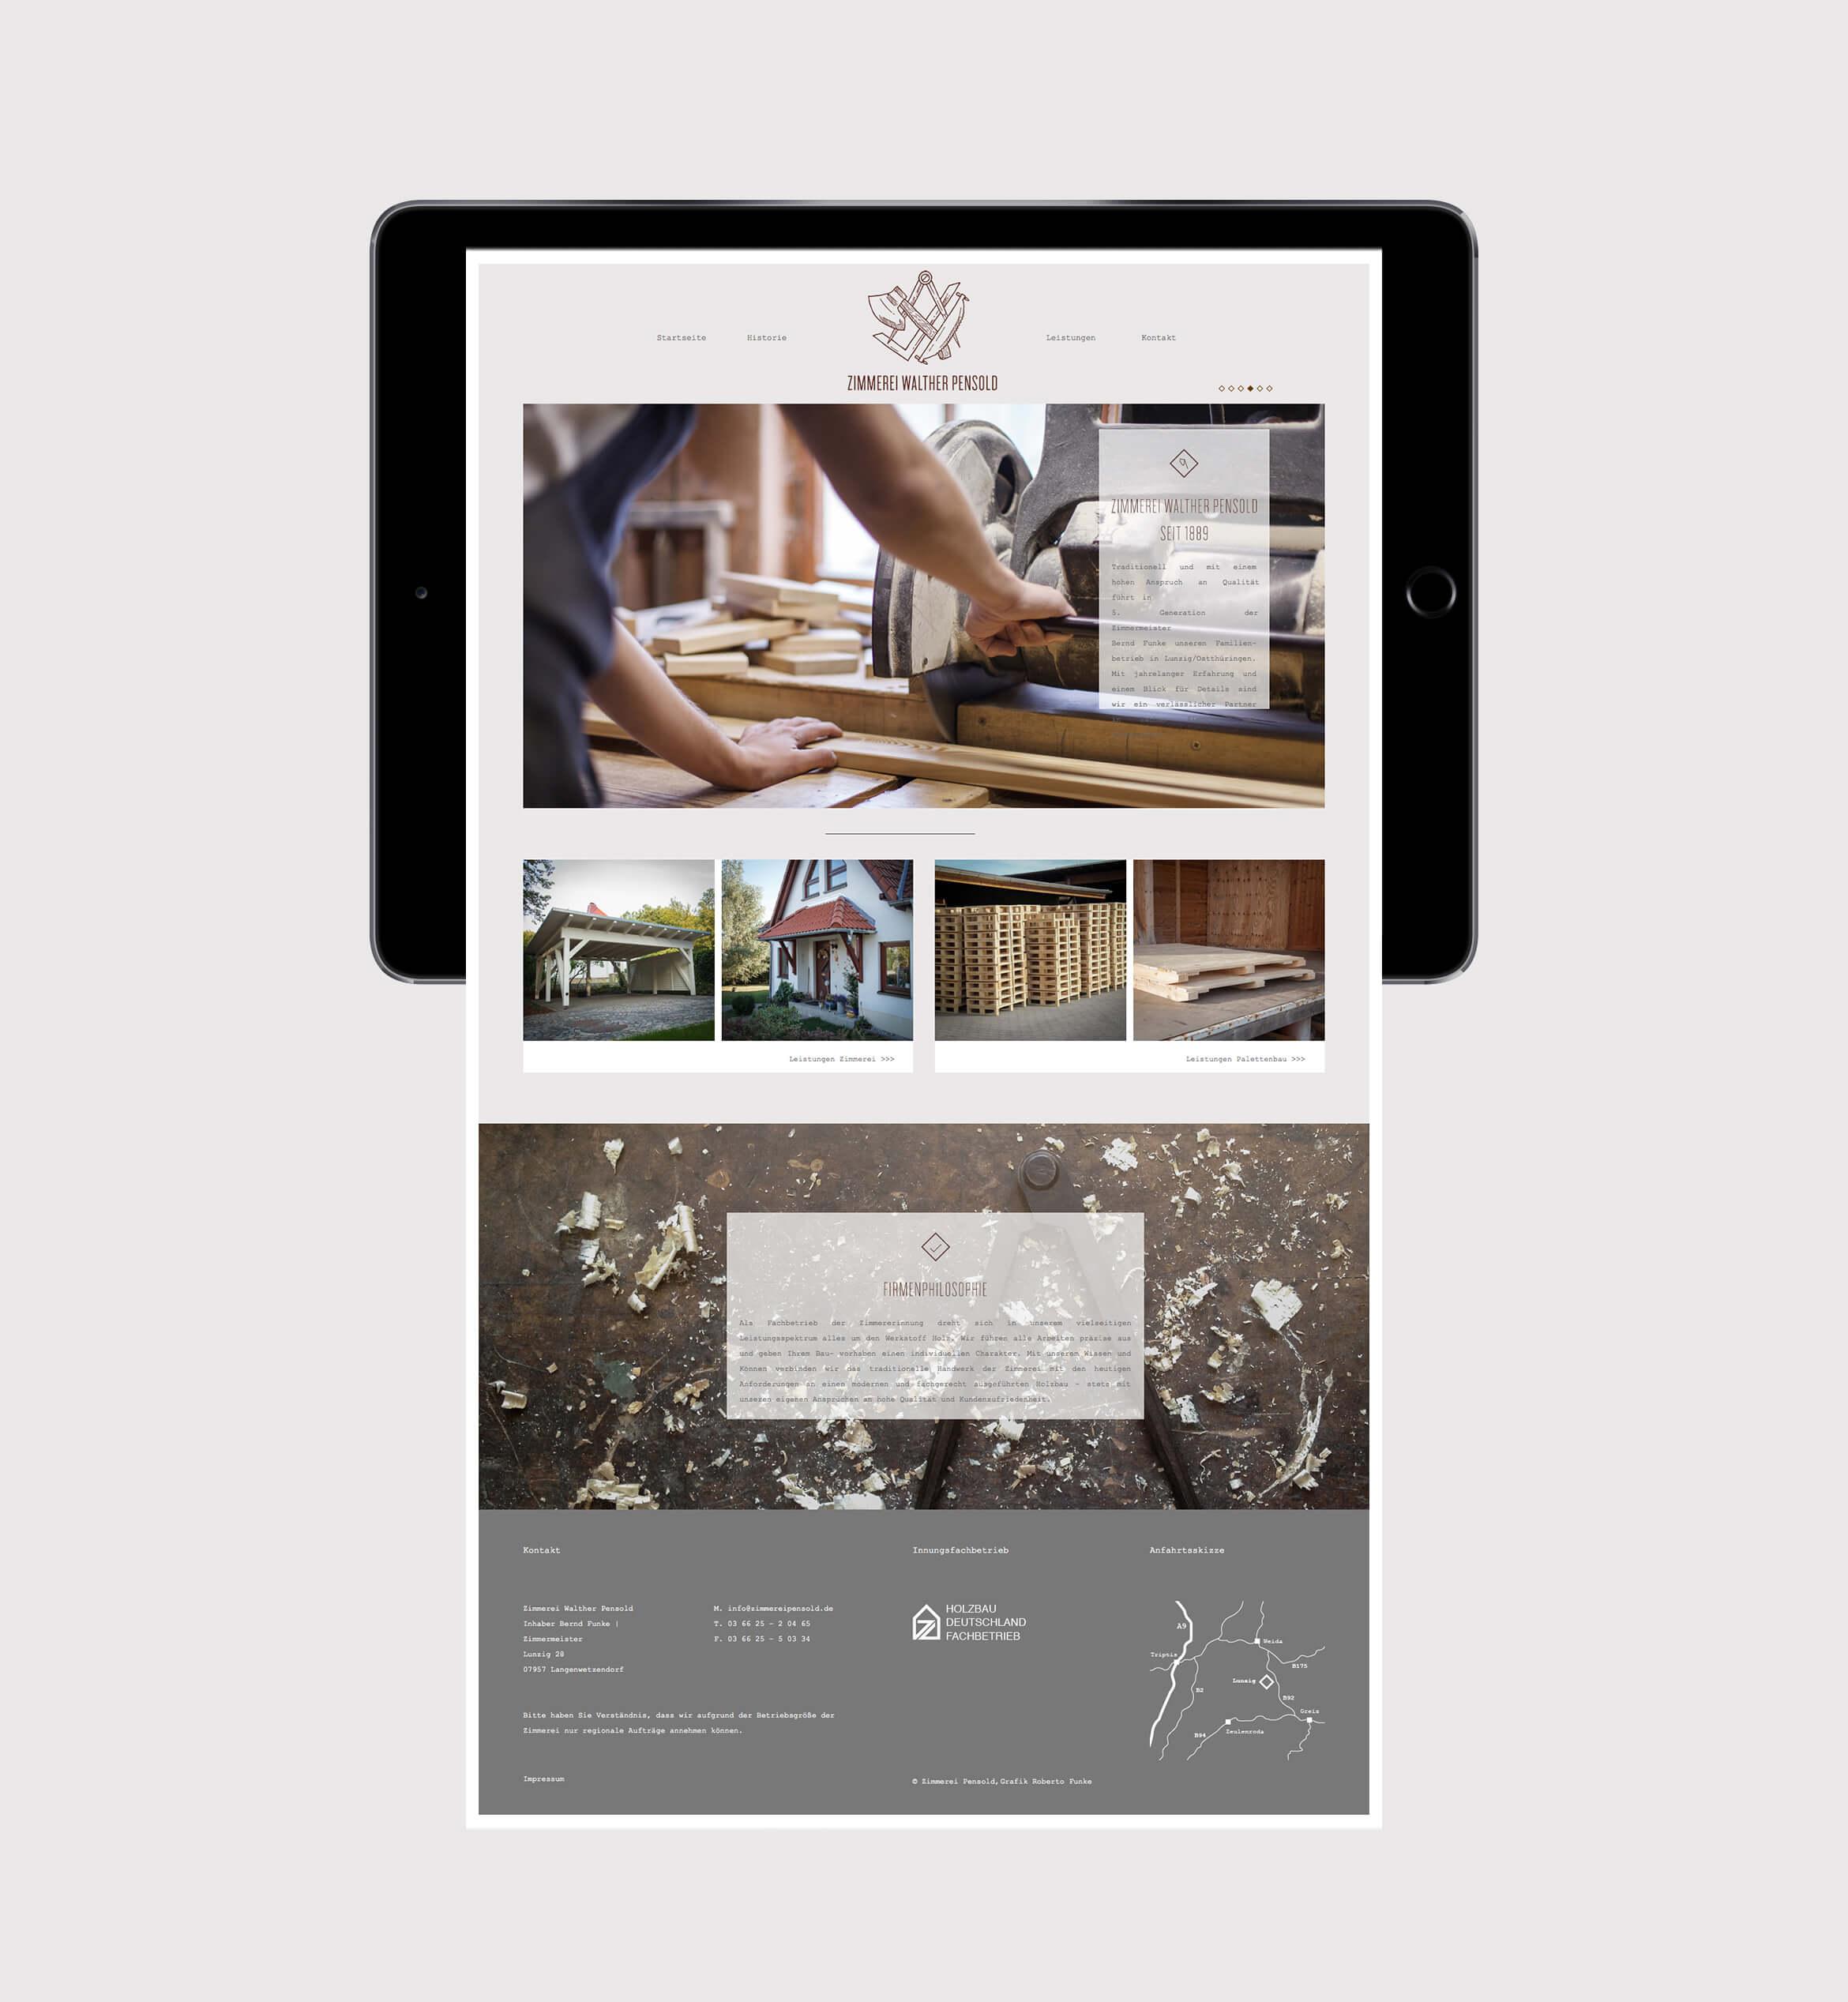 dreizehnundfuenf_design_studio_branding_zimmerei_11